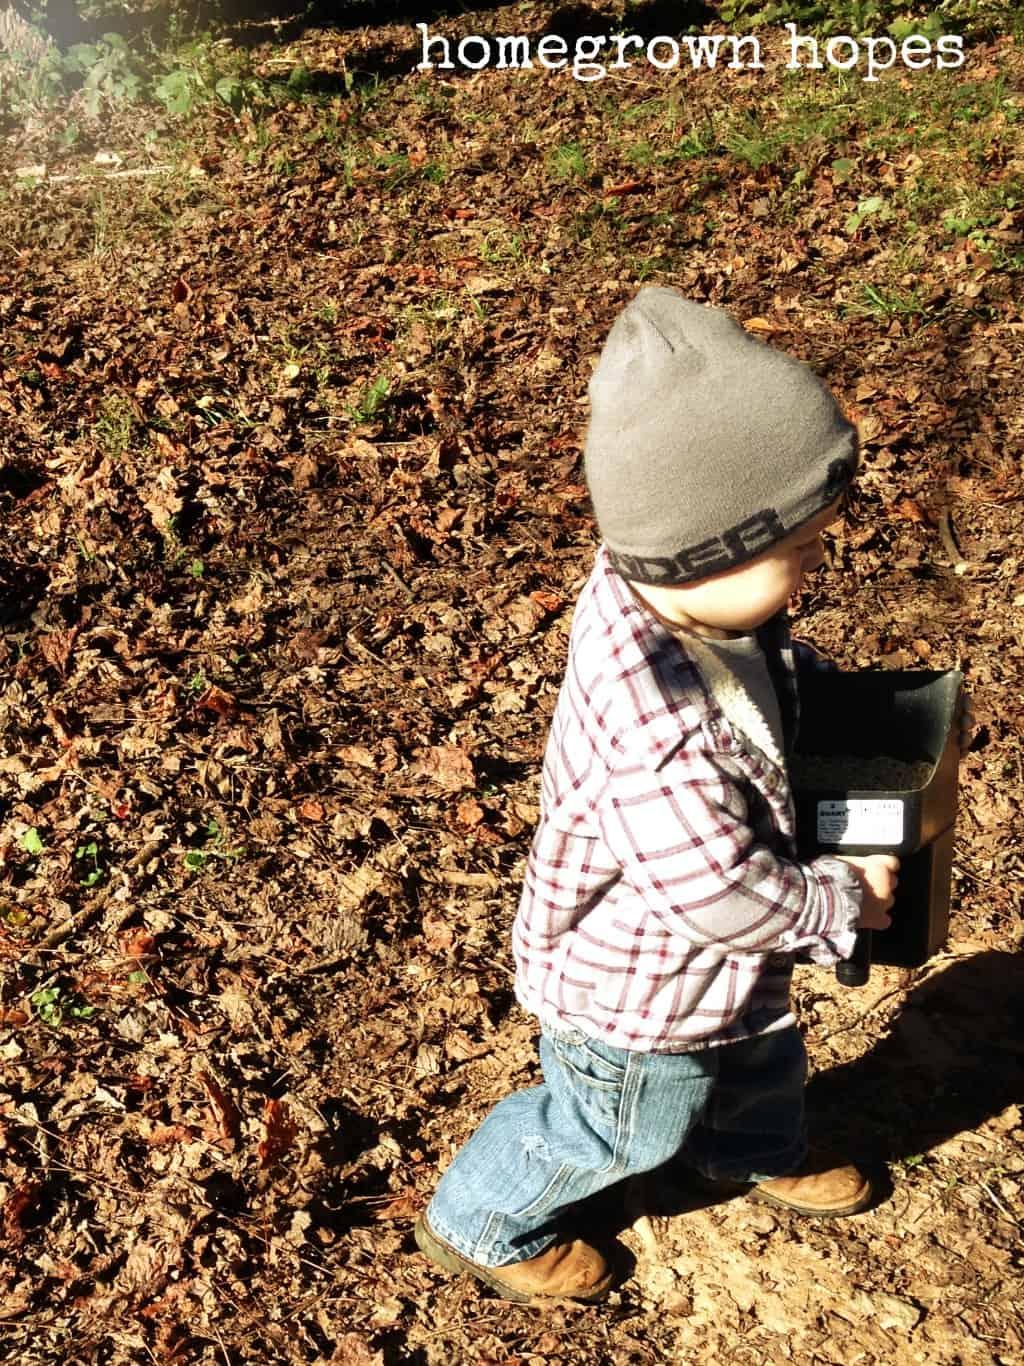 feeding chickens-children farm activities